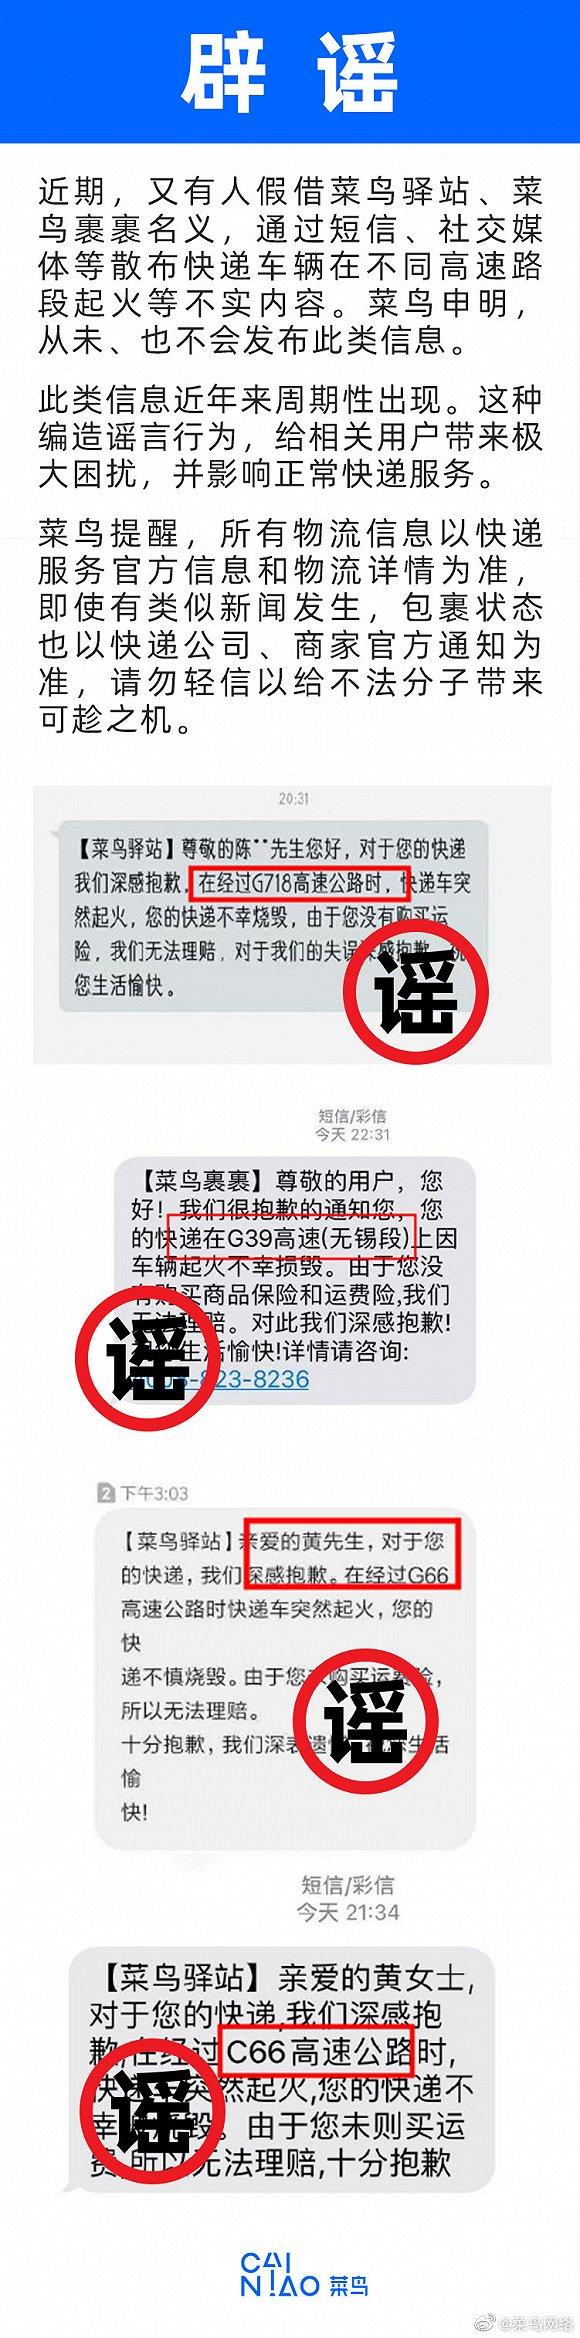 娱乐平台首冲8领取38彩金-泰禾集团大股东泰禾投资再质押757万股 质押率超99%